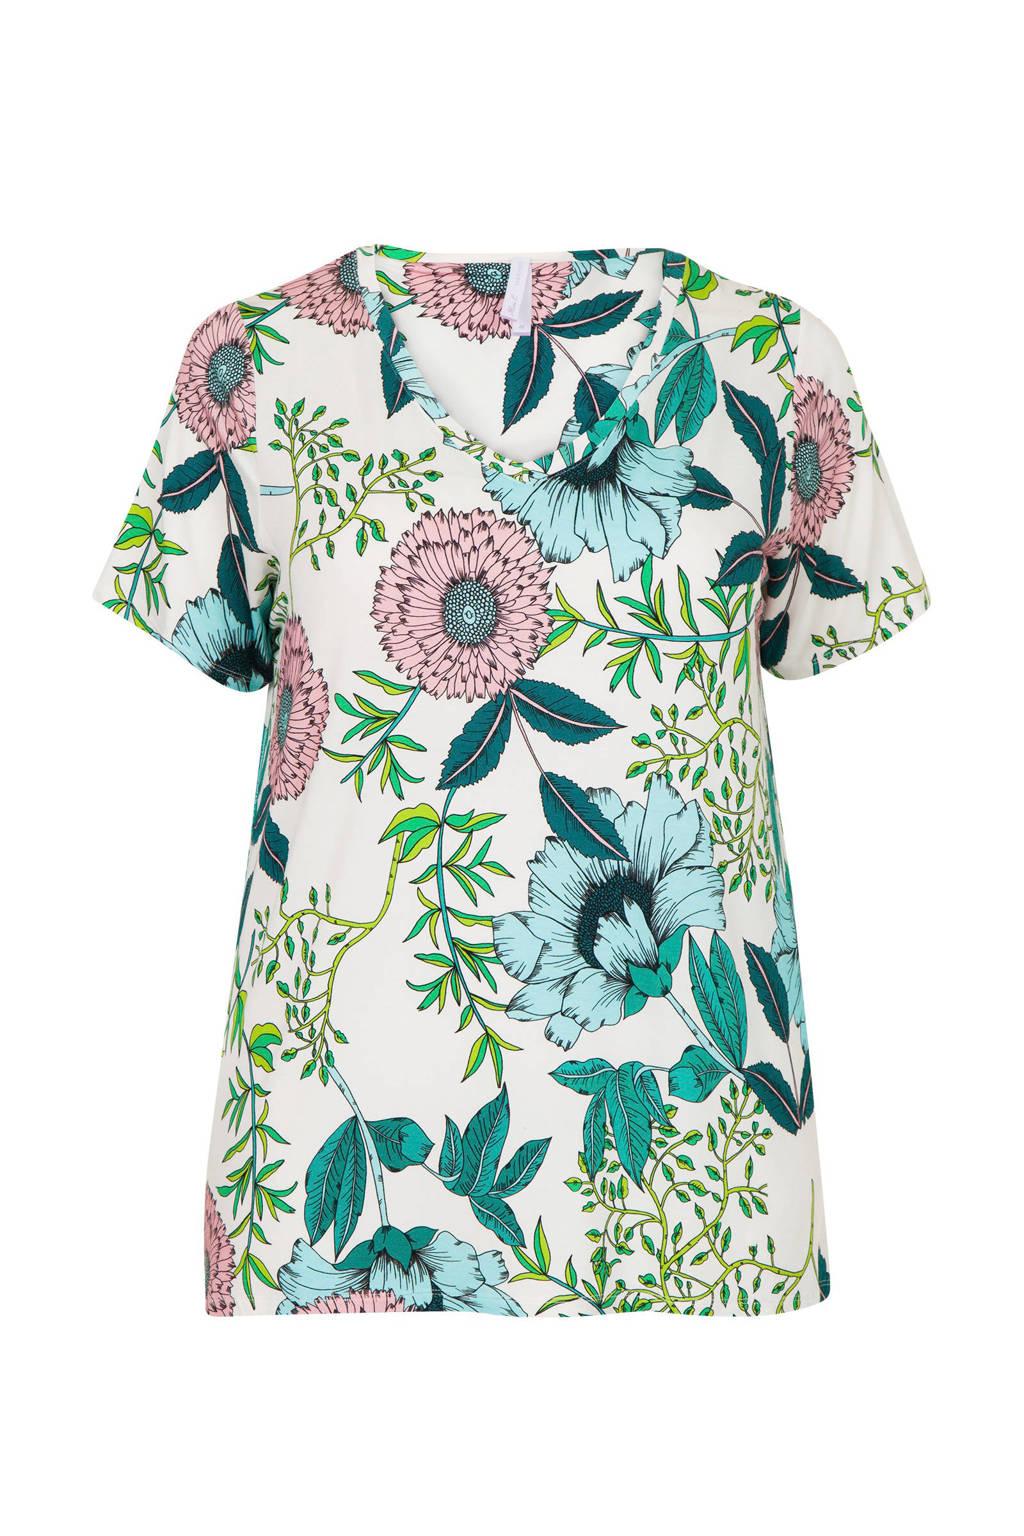 Miss Etam Plus gebloemd T-shirt gebroken wit/groen